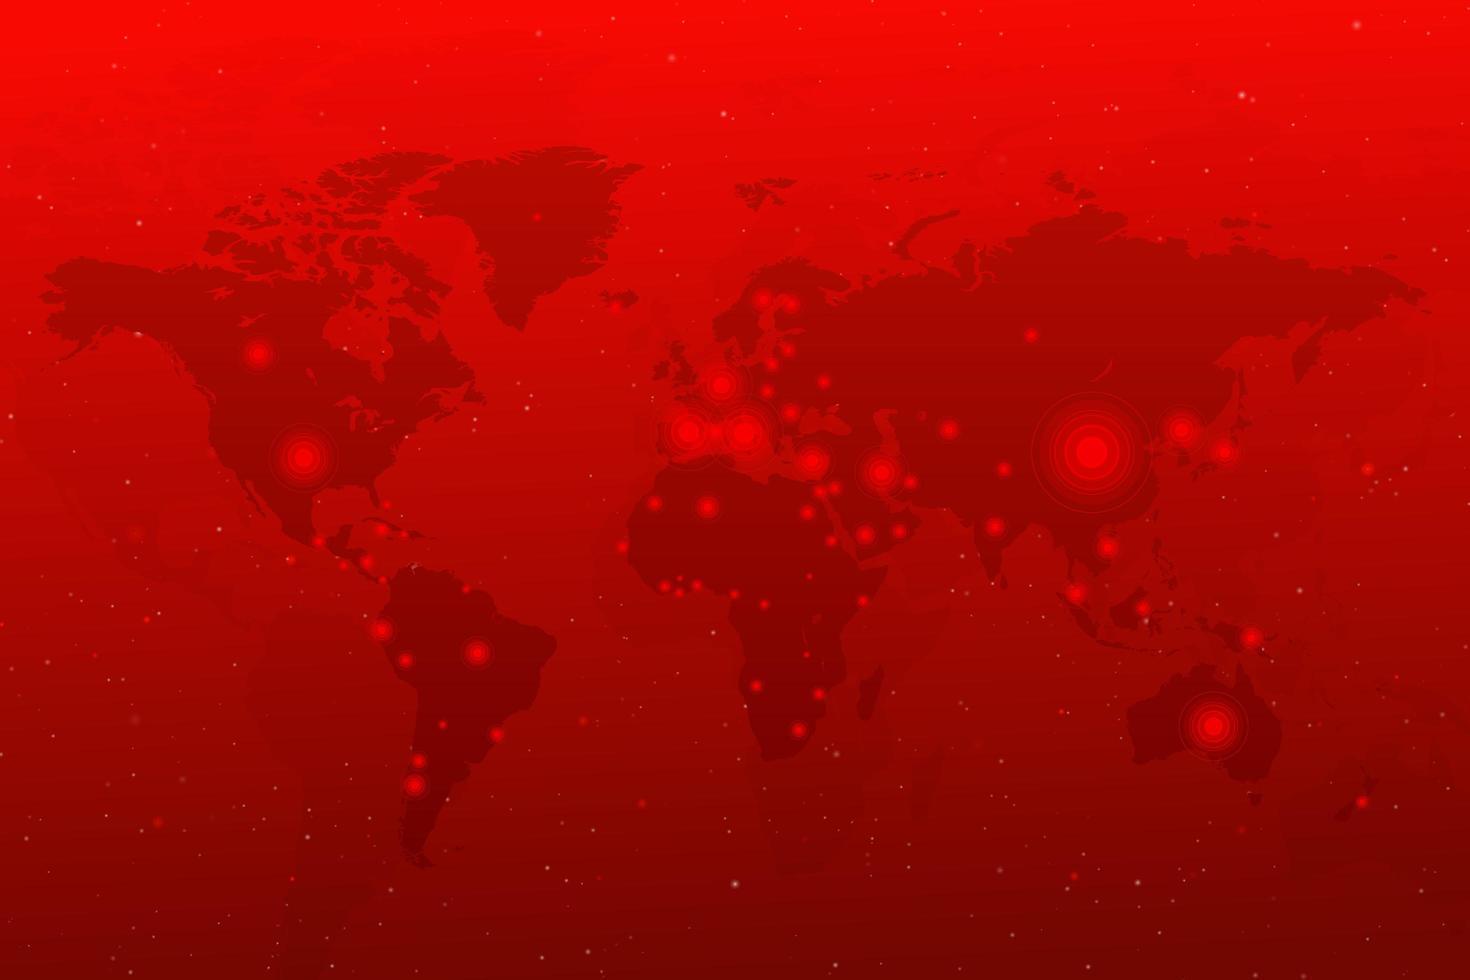 Verbreitung von Coronaviren aus China auf der ganzen Welt. covid 19 map bestätigte Fälle weltweit vektor